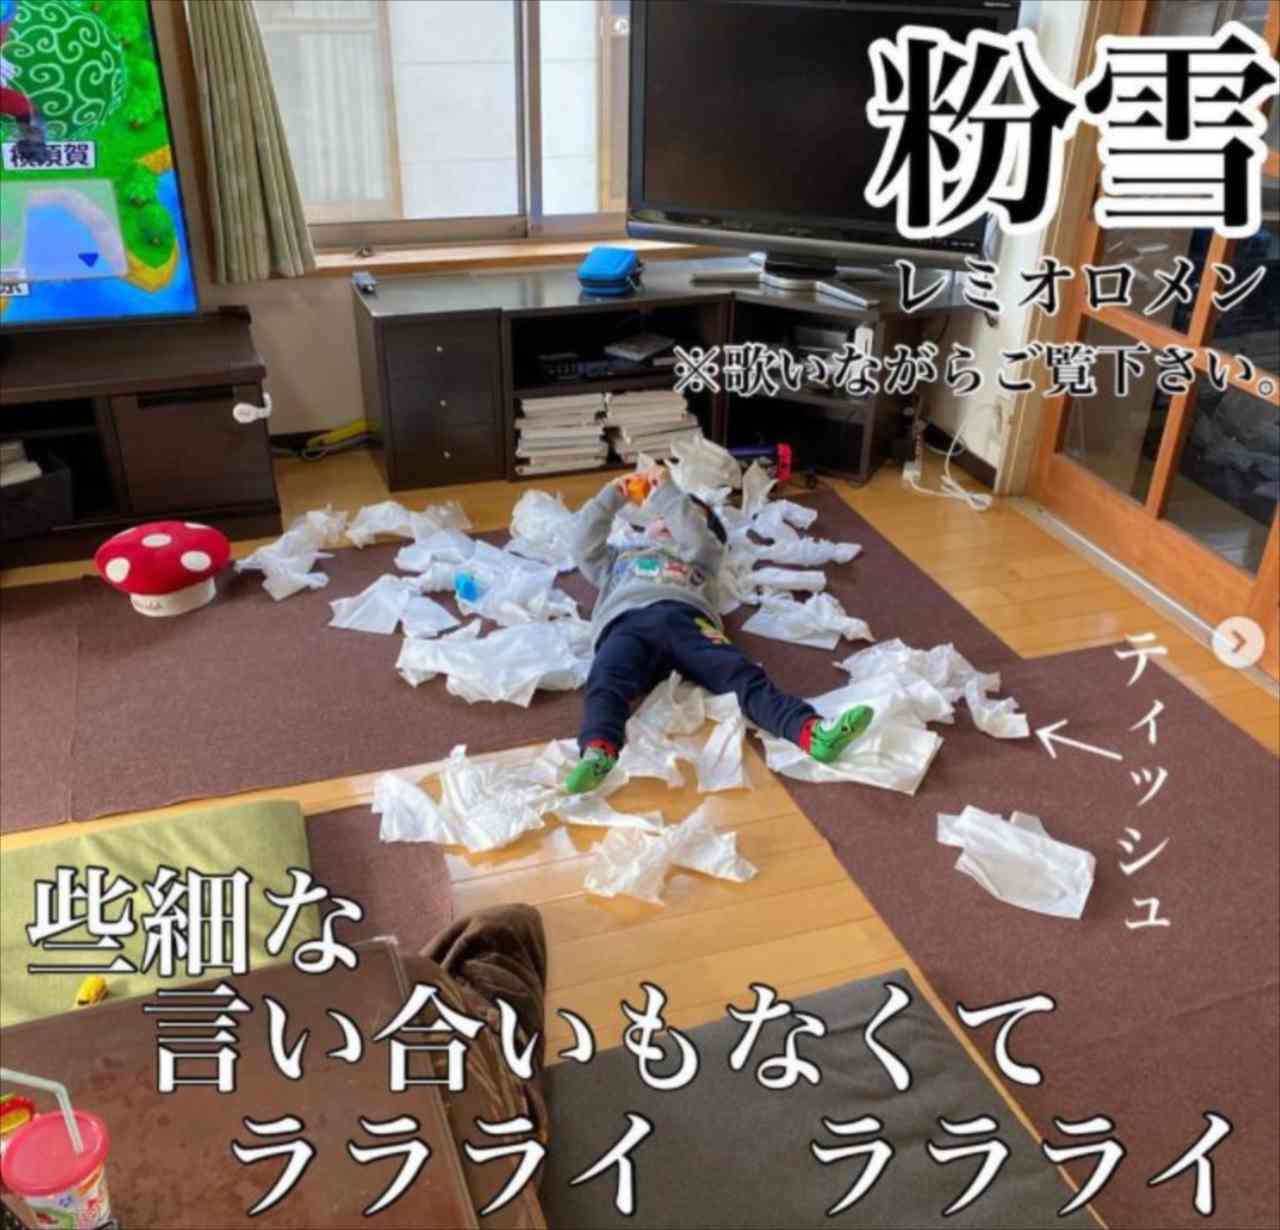 【5児のお母さん爆笑奮闘記】ツッコミどころ満載の「粉雪PV」がカオスすぎて面白い(笑)